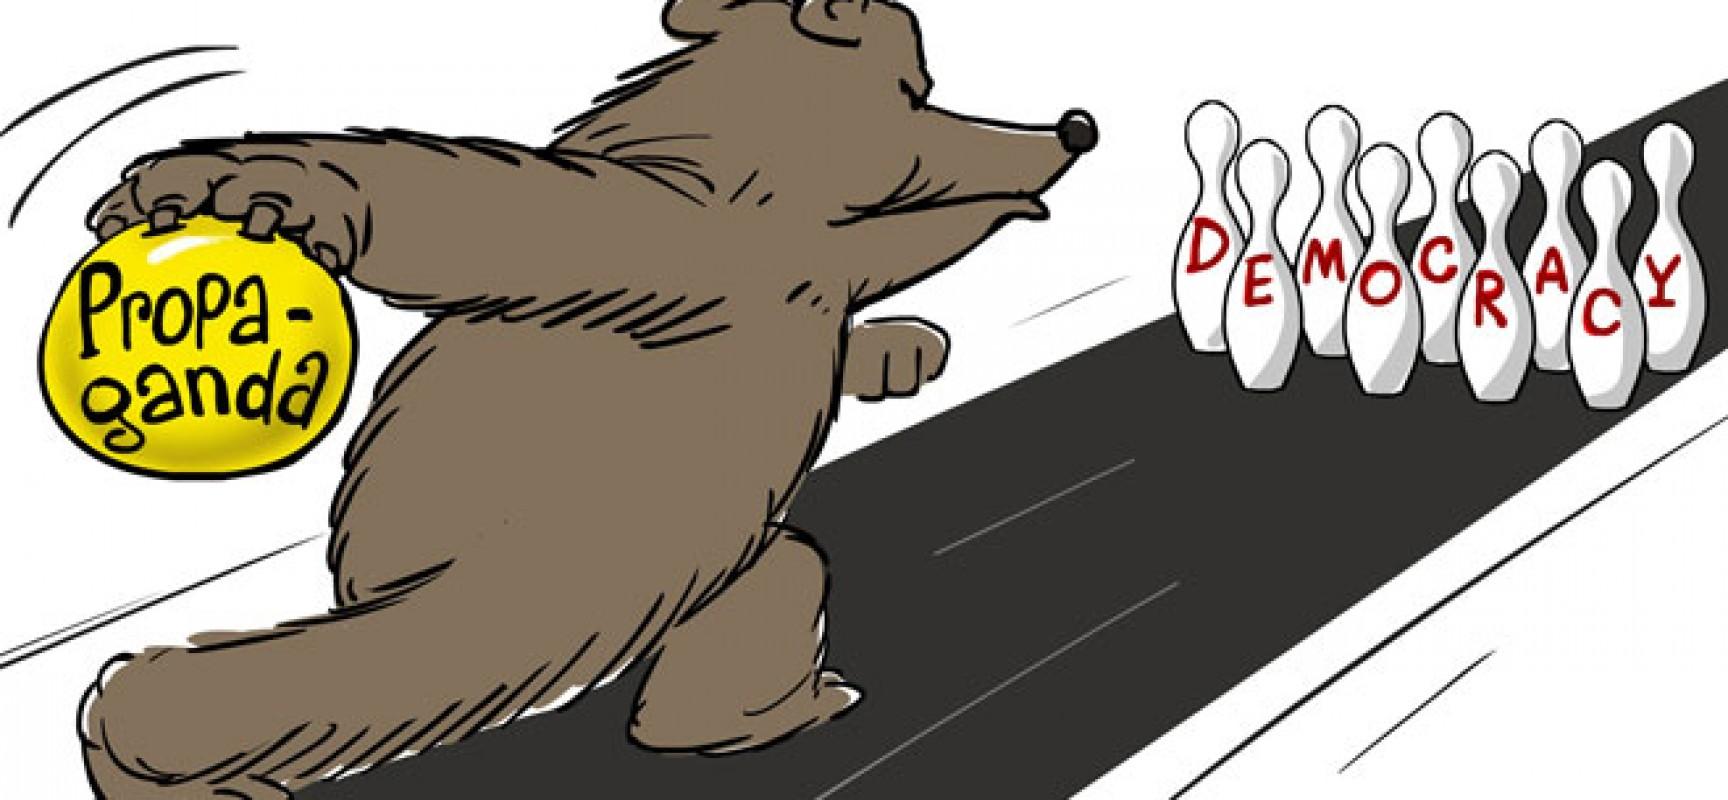 Russian Propaganda Exploits Western Weakness